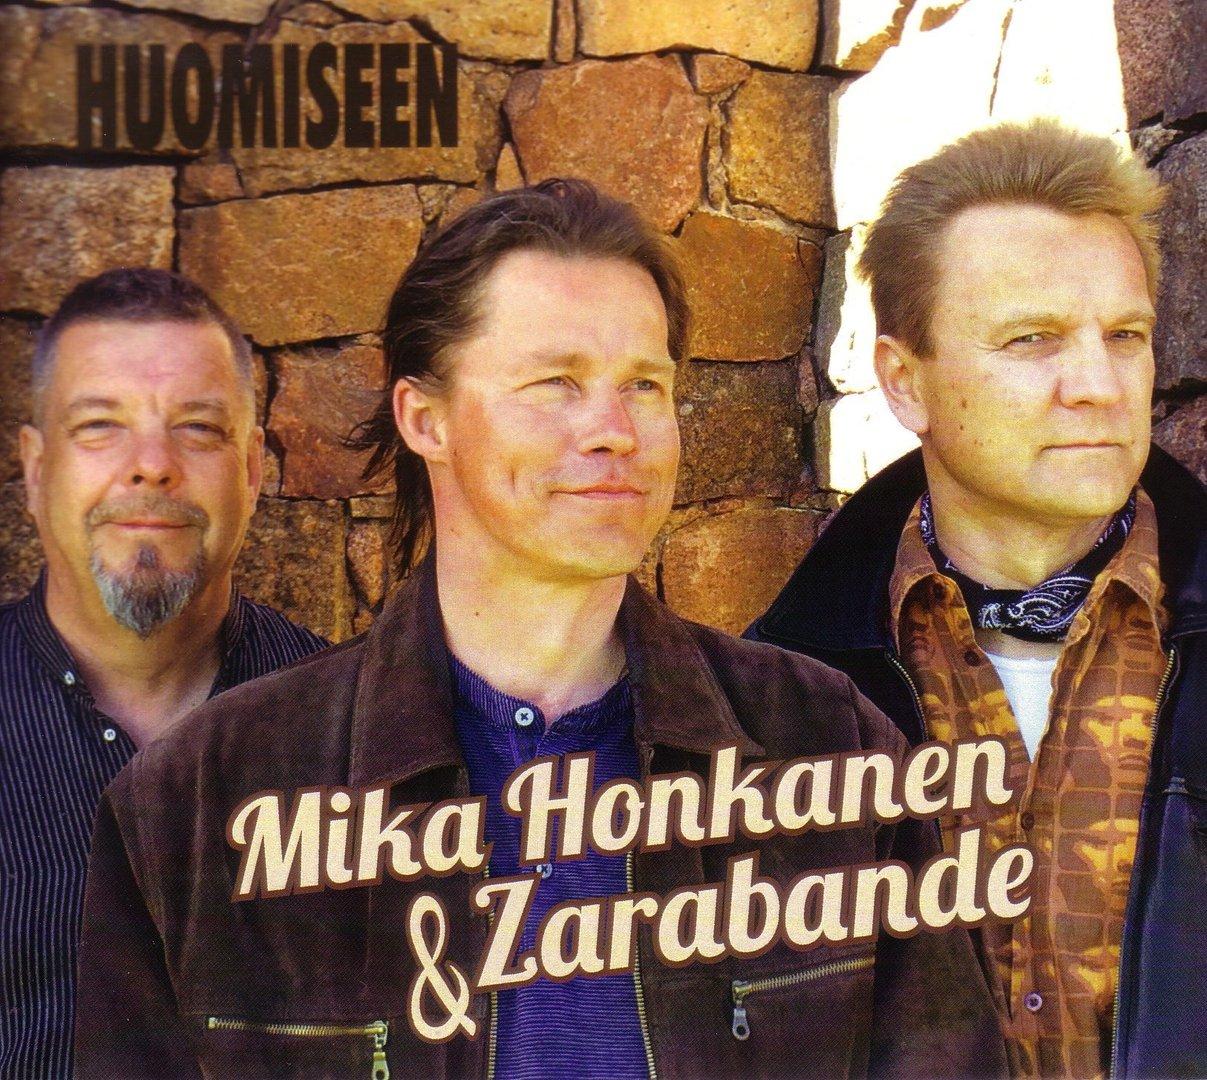 Mika Honkanen